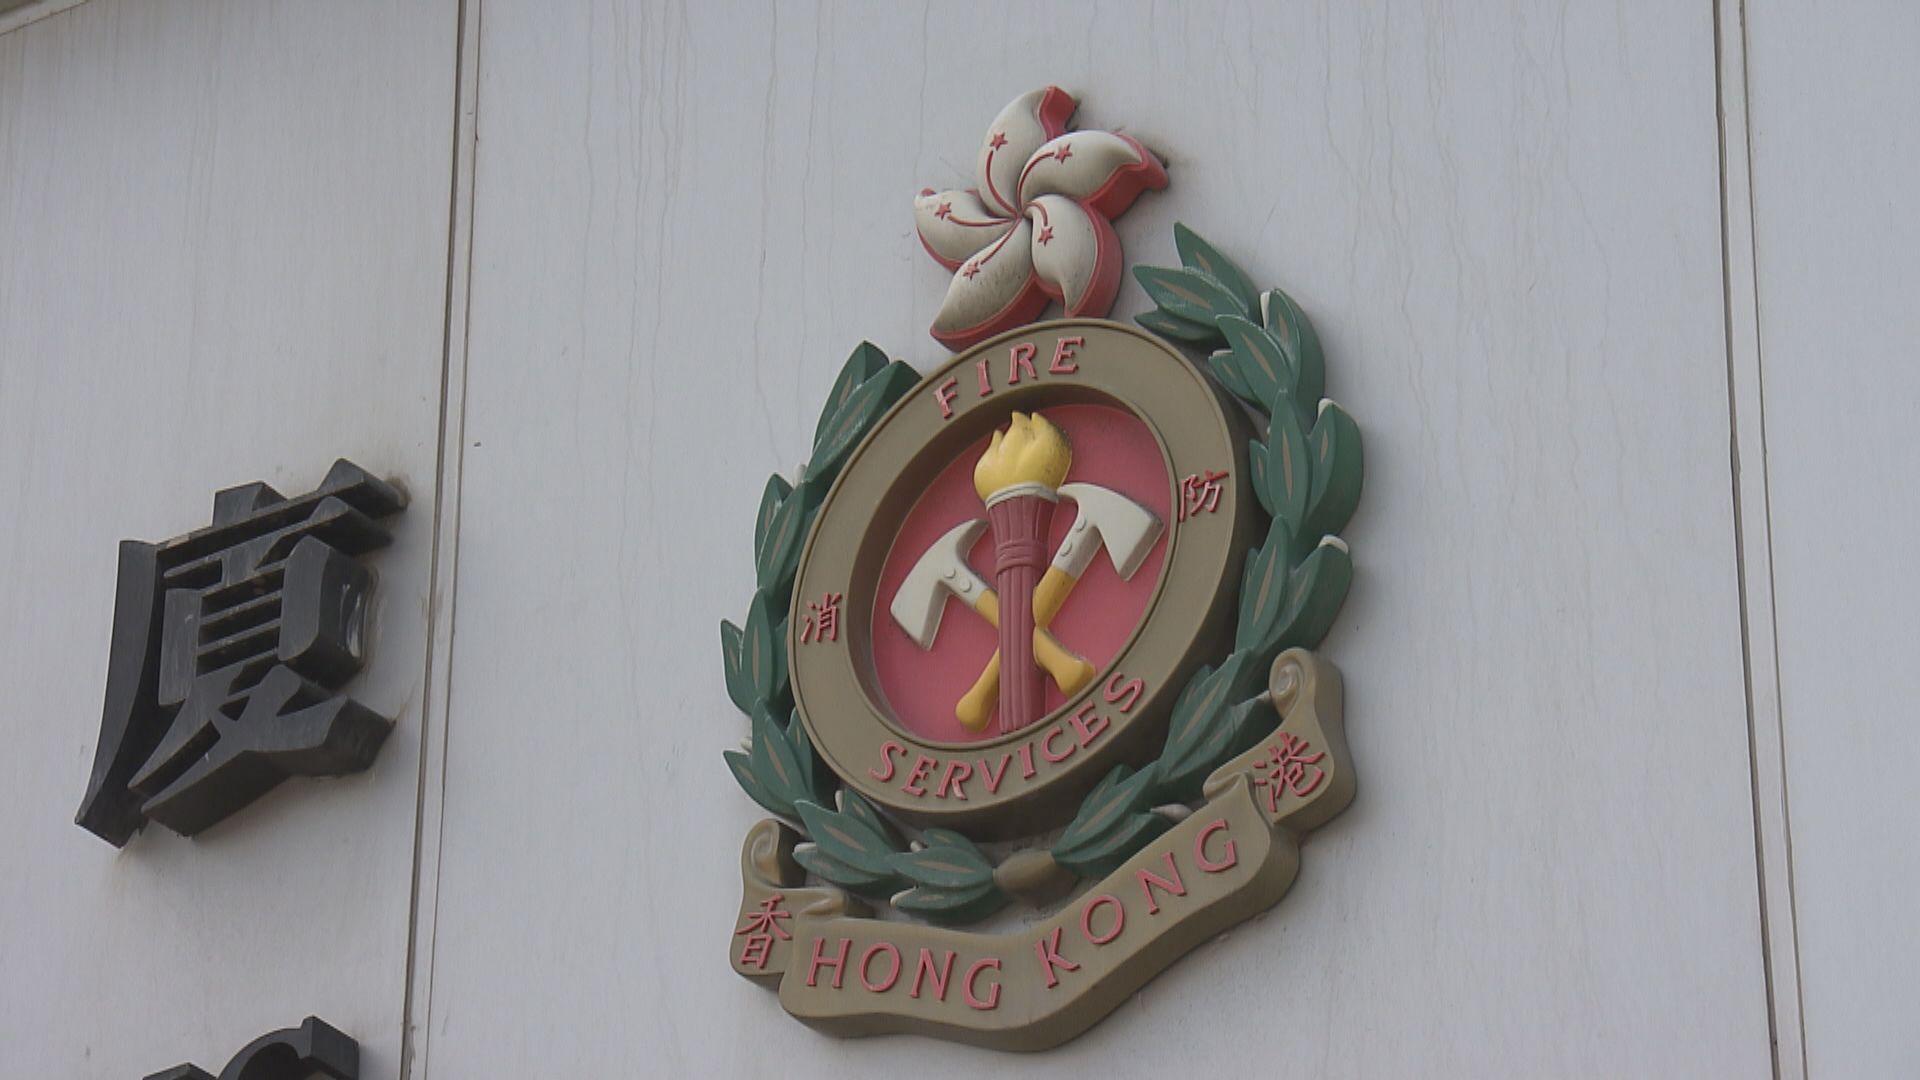 港珠澳大橋救護站一救護員初步確診